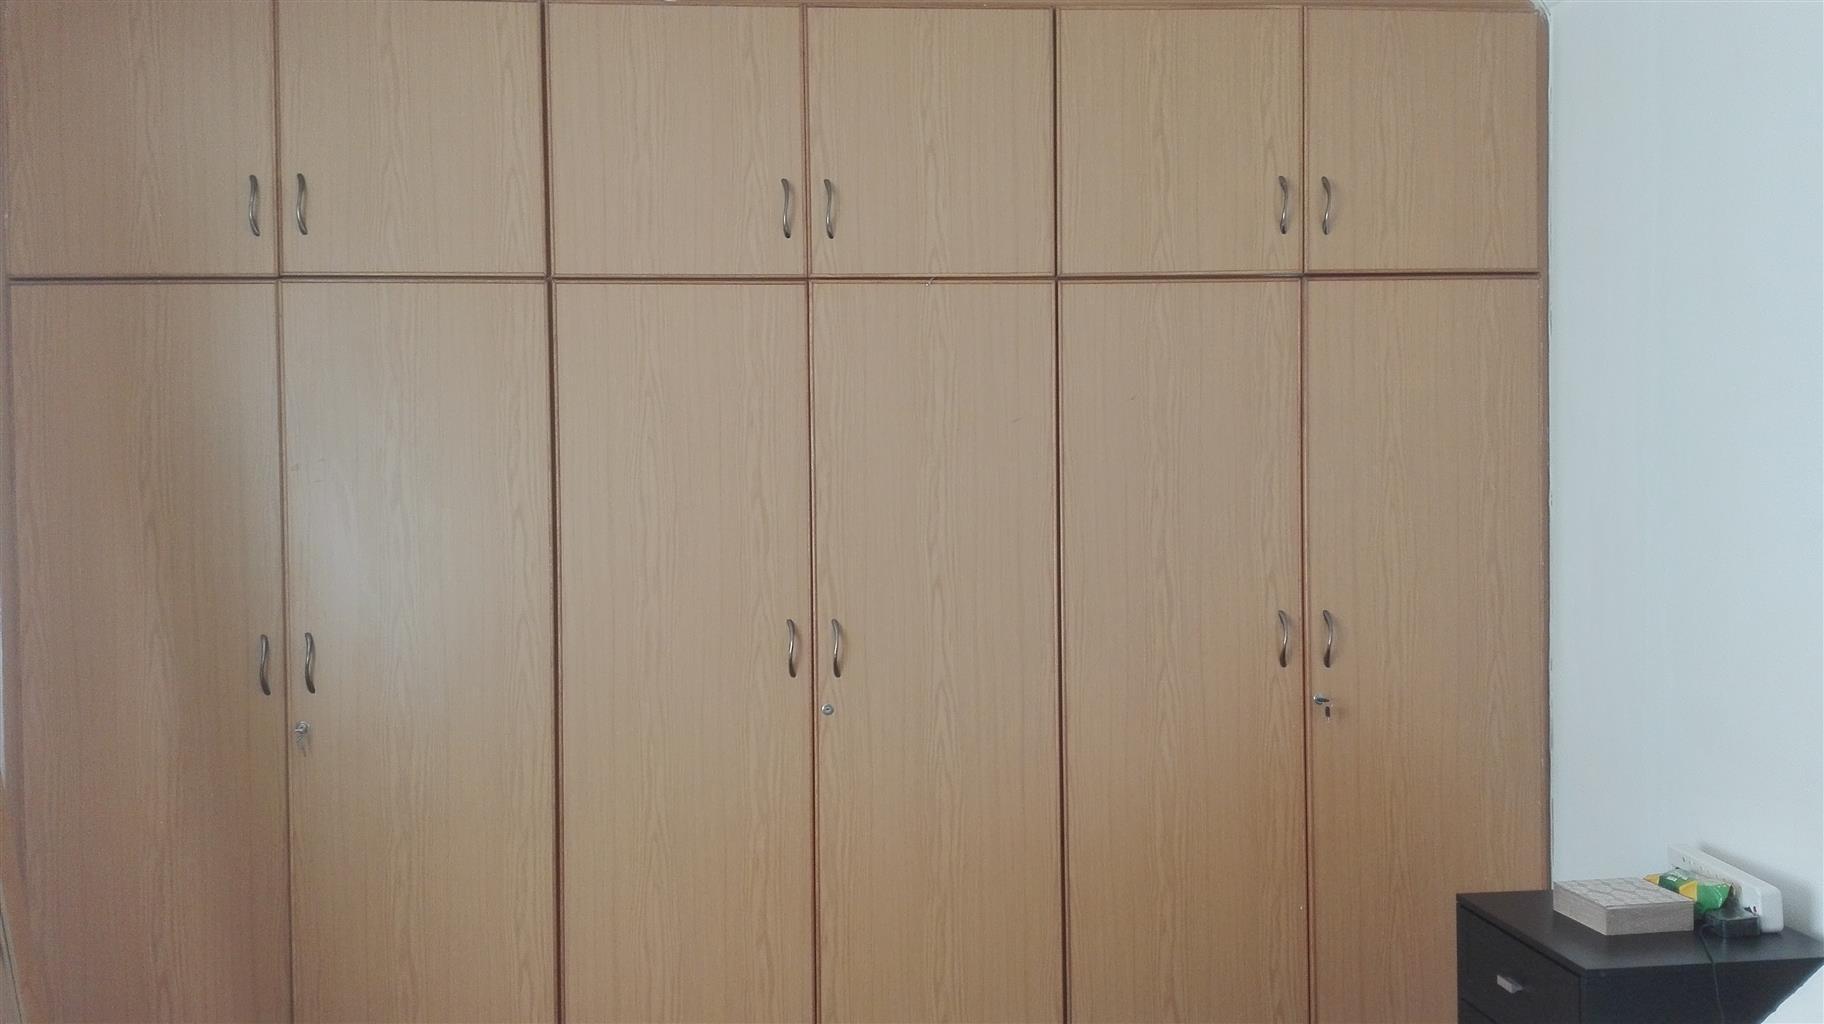 Bedroom cupboard doors for sale & Bedroom cupboard doors for sale | Junk Mail